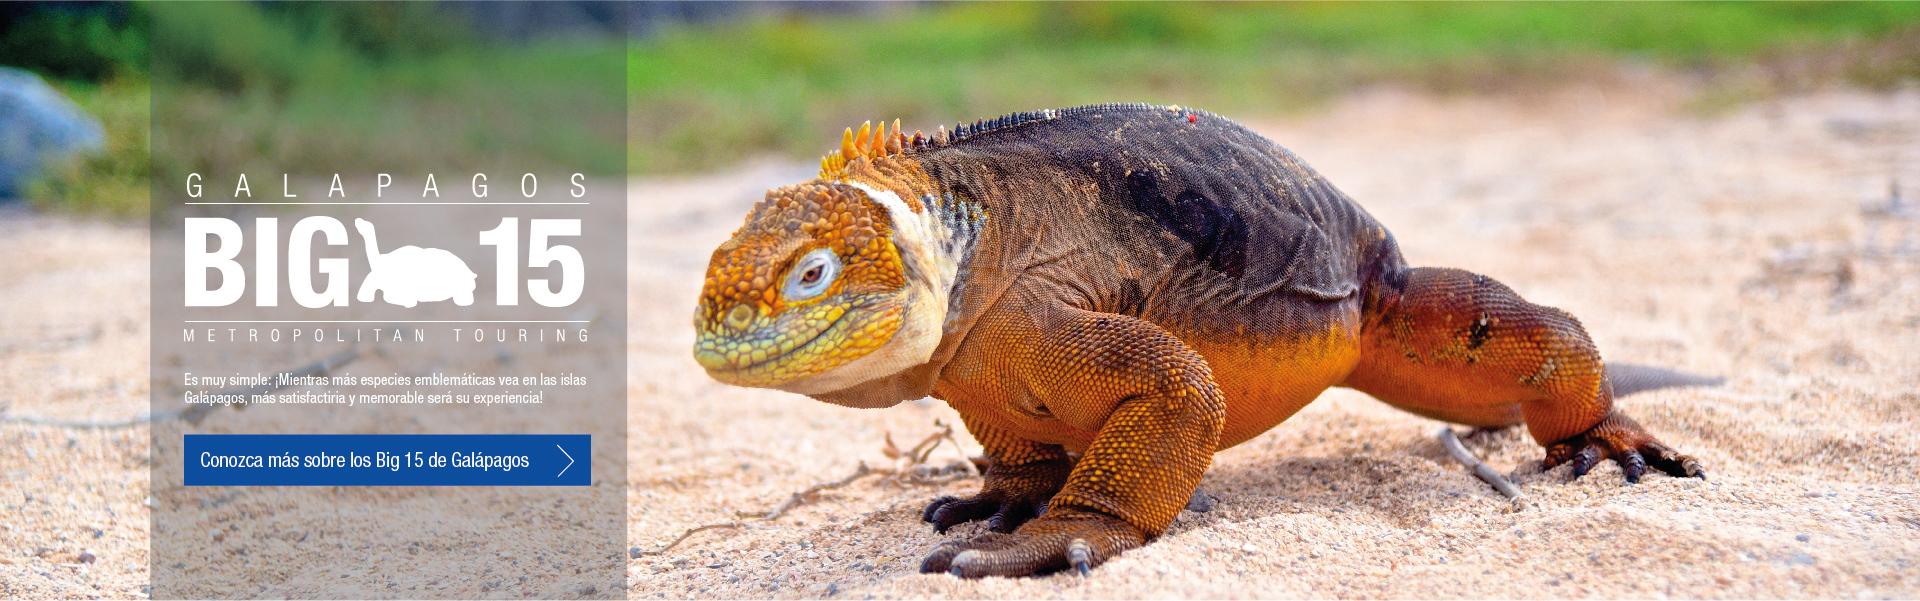 Galapagos - Big 15